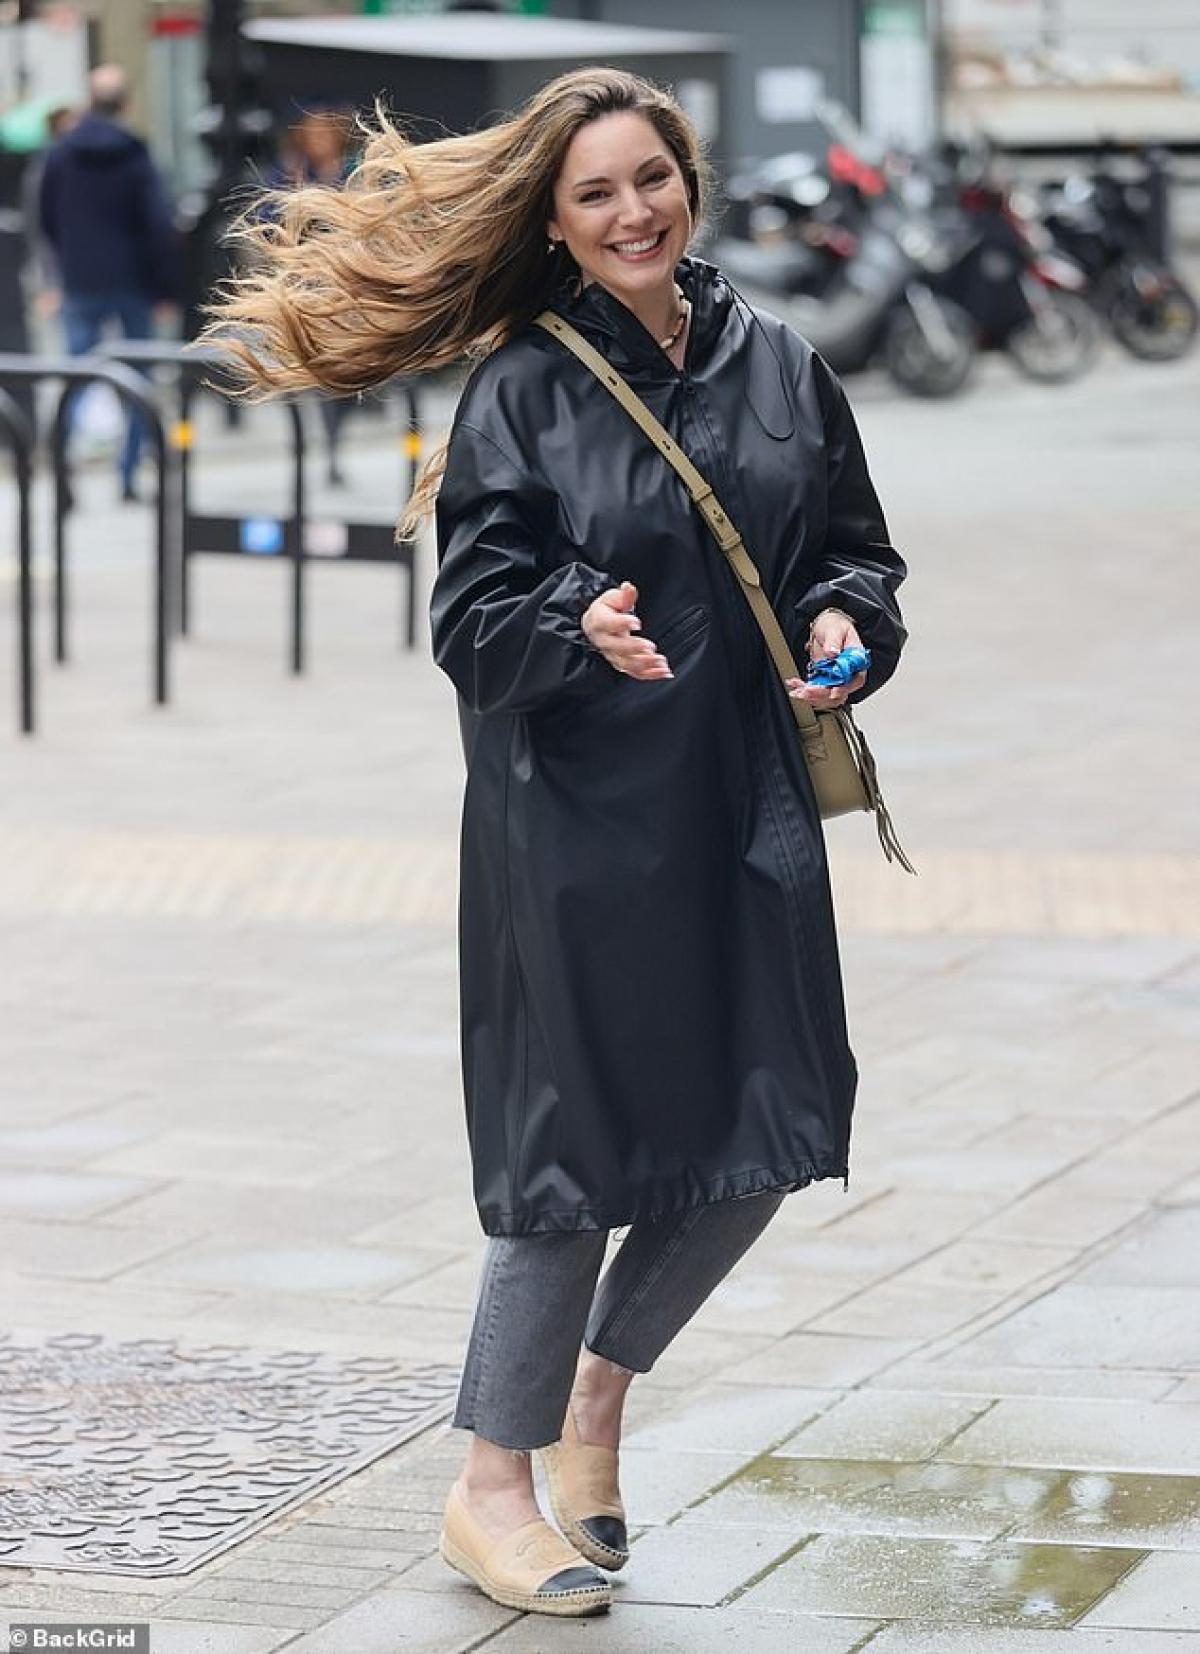 Cựu người mẫu mặc áo khoác da hàng hiệu phối cùng quần jeans cá tính.